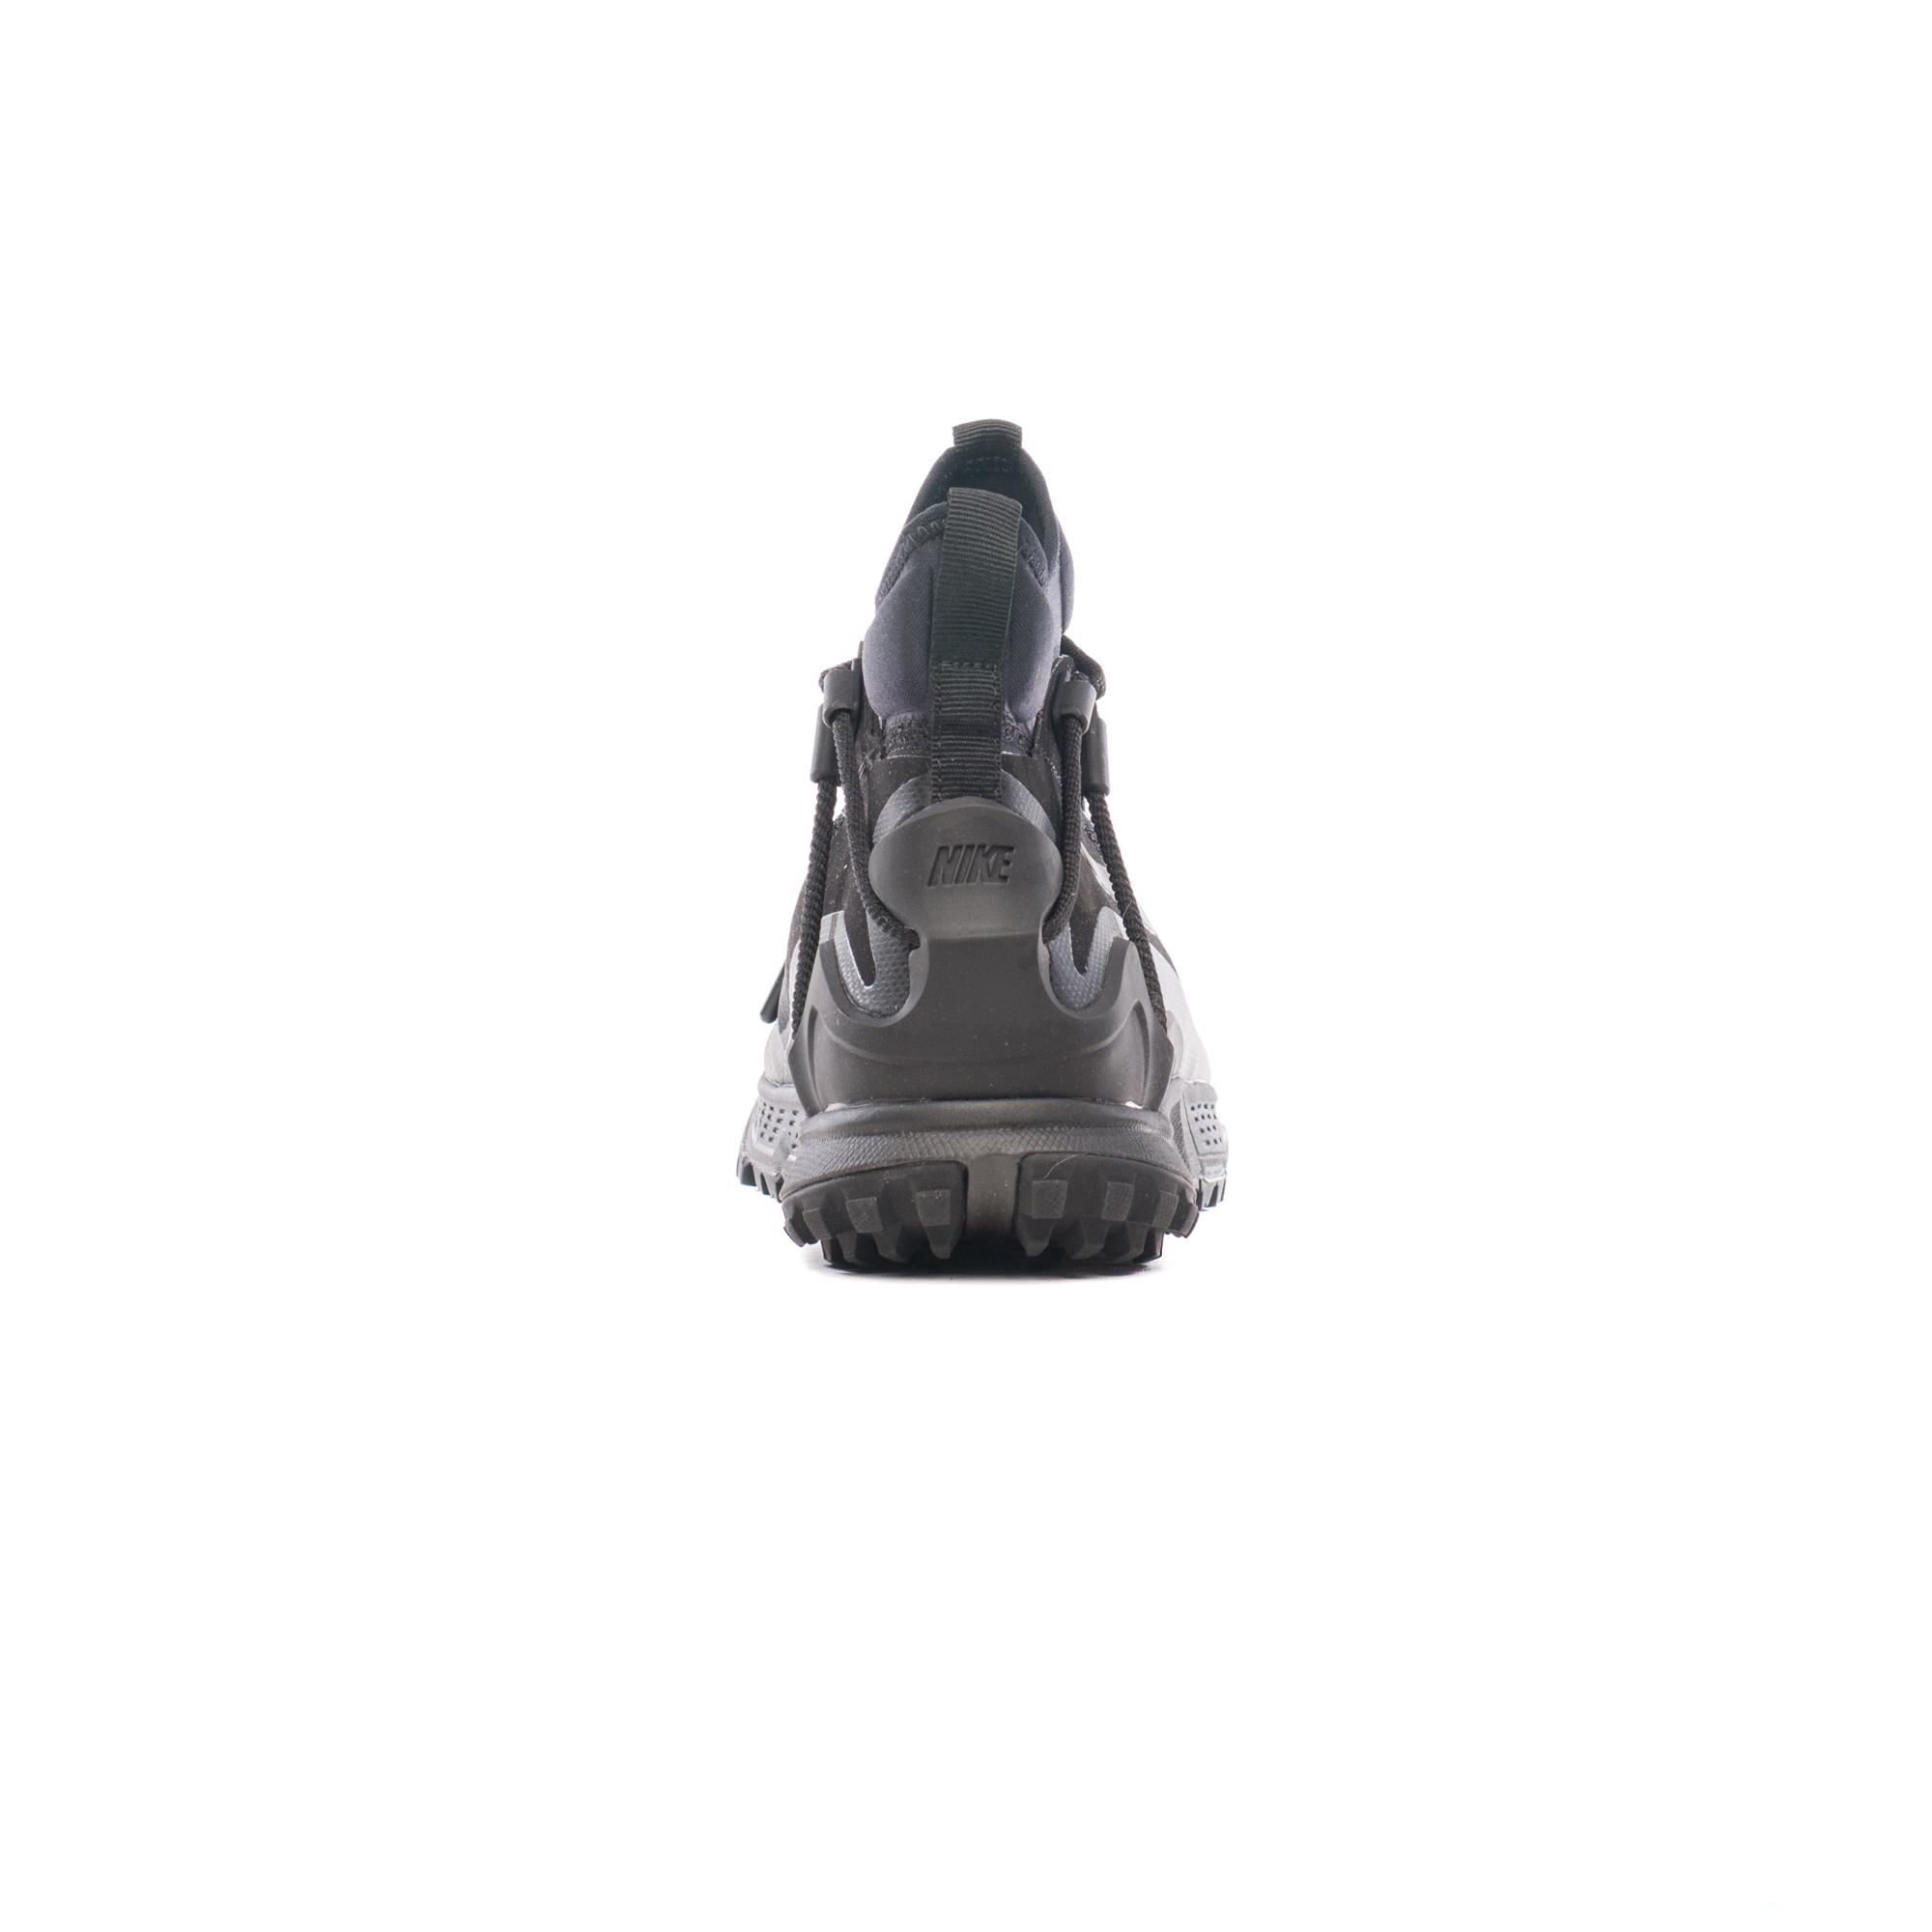 Черевики чоловічі Nike TERRA SERTIG